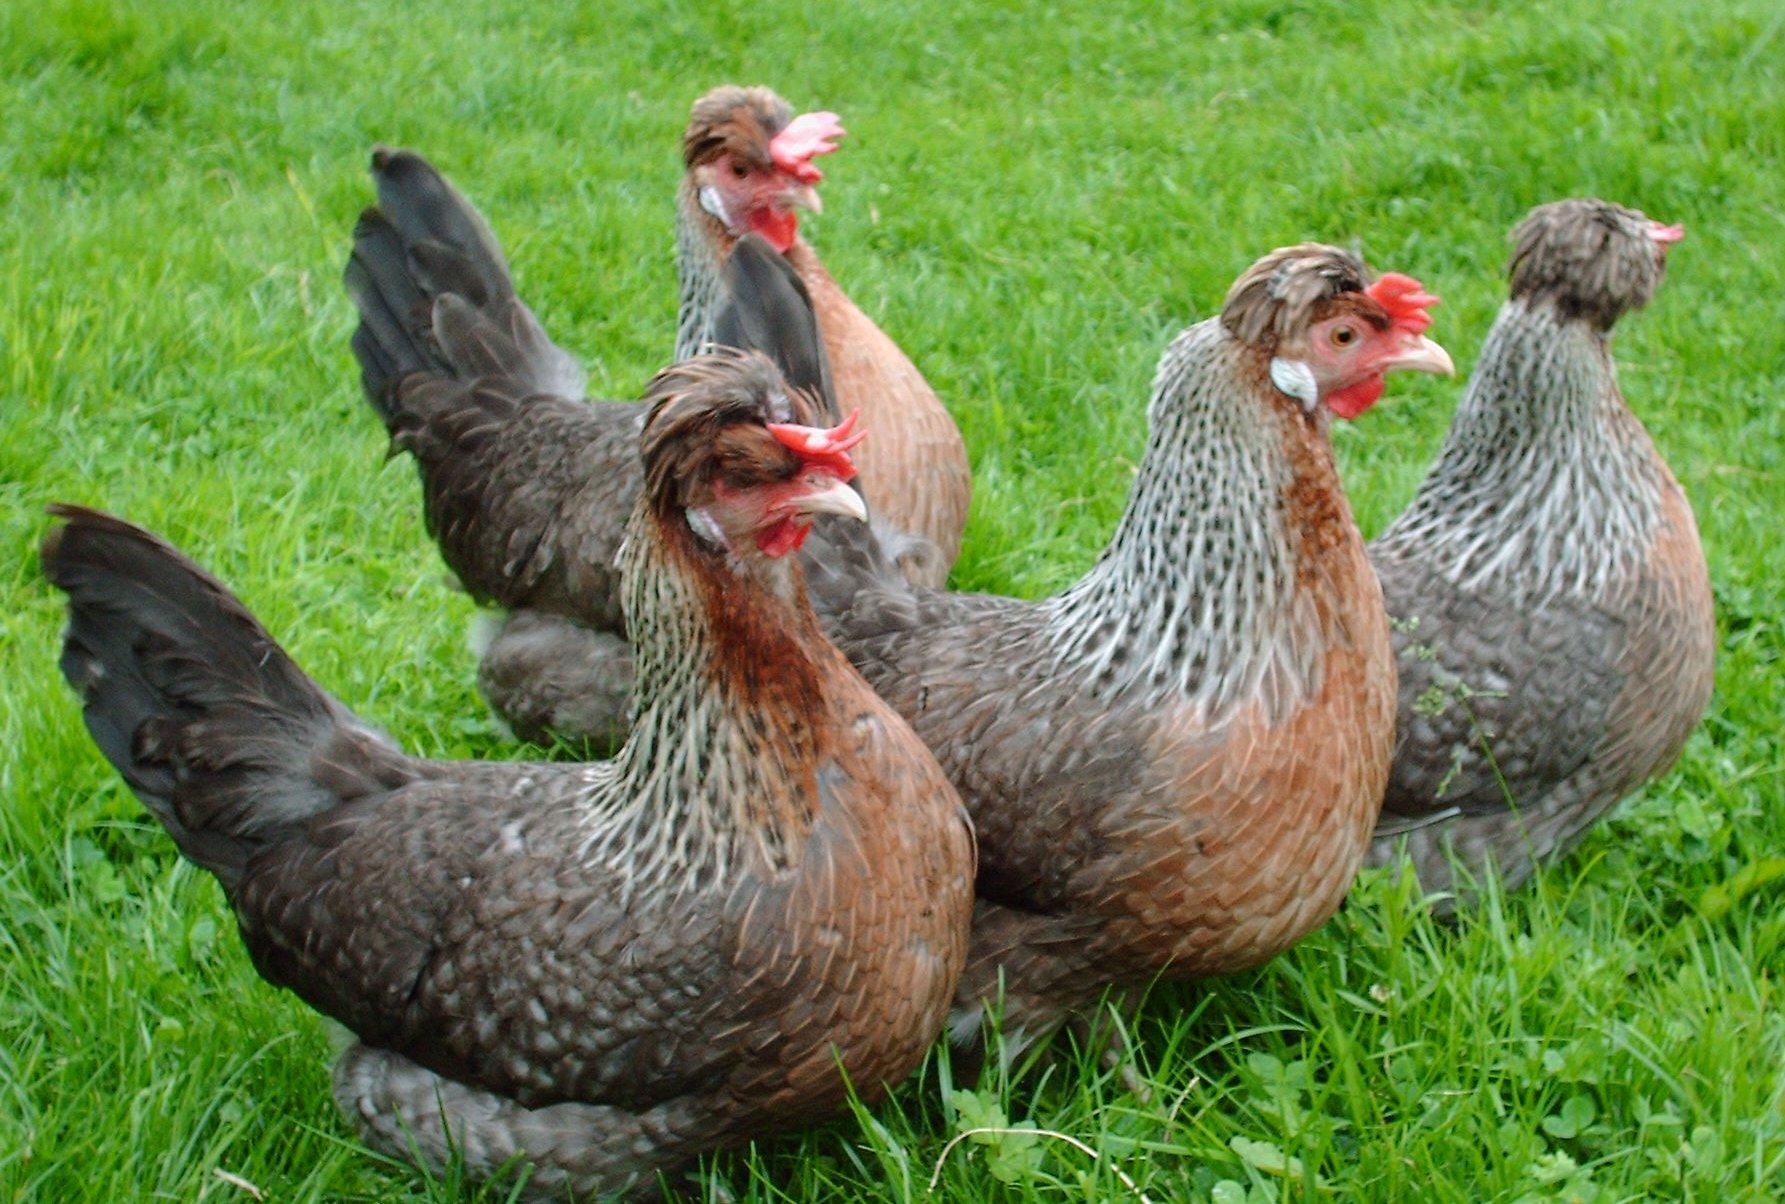 Легбар порода кур – описание, фото и видео